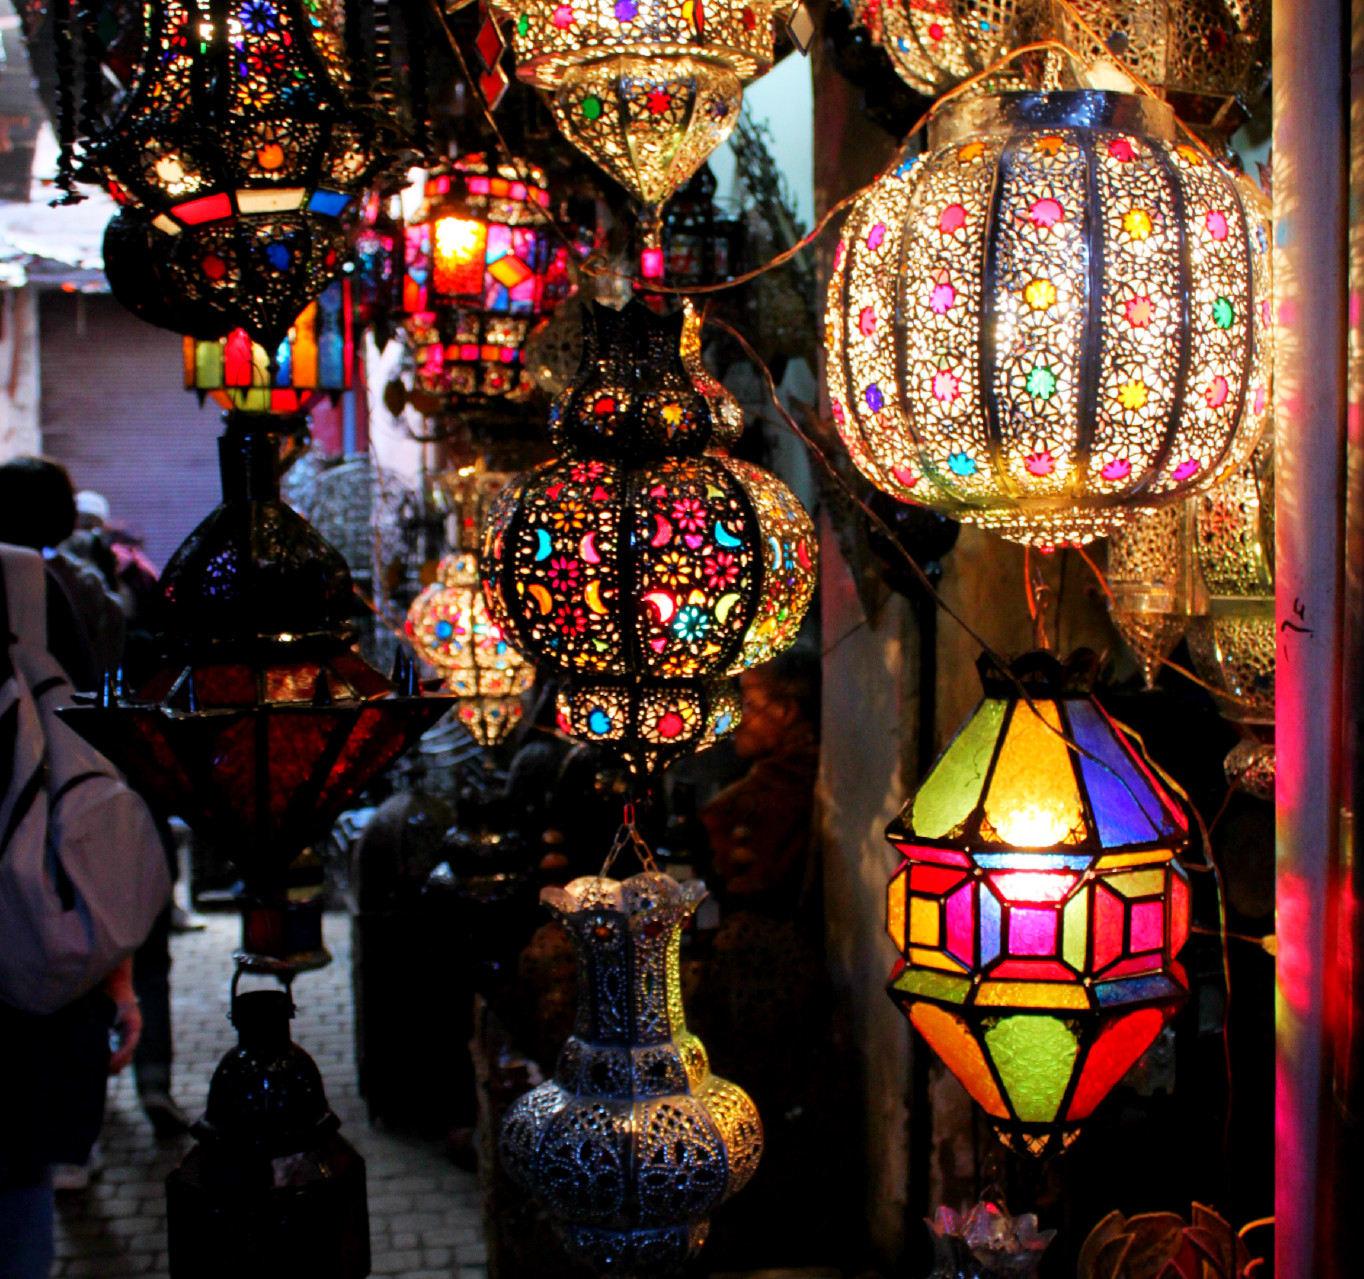 Marocco - un arcobaleno di colori